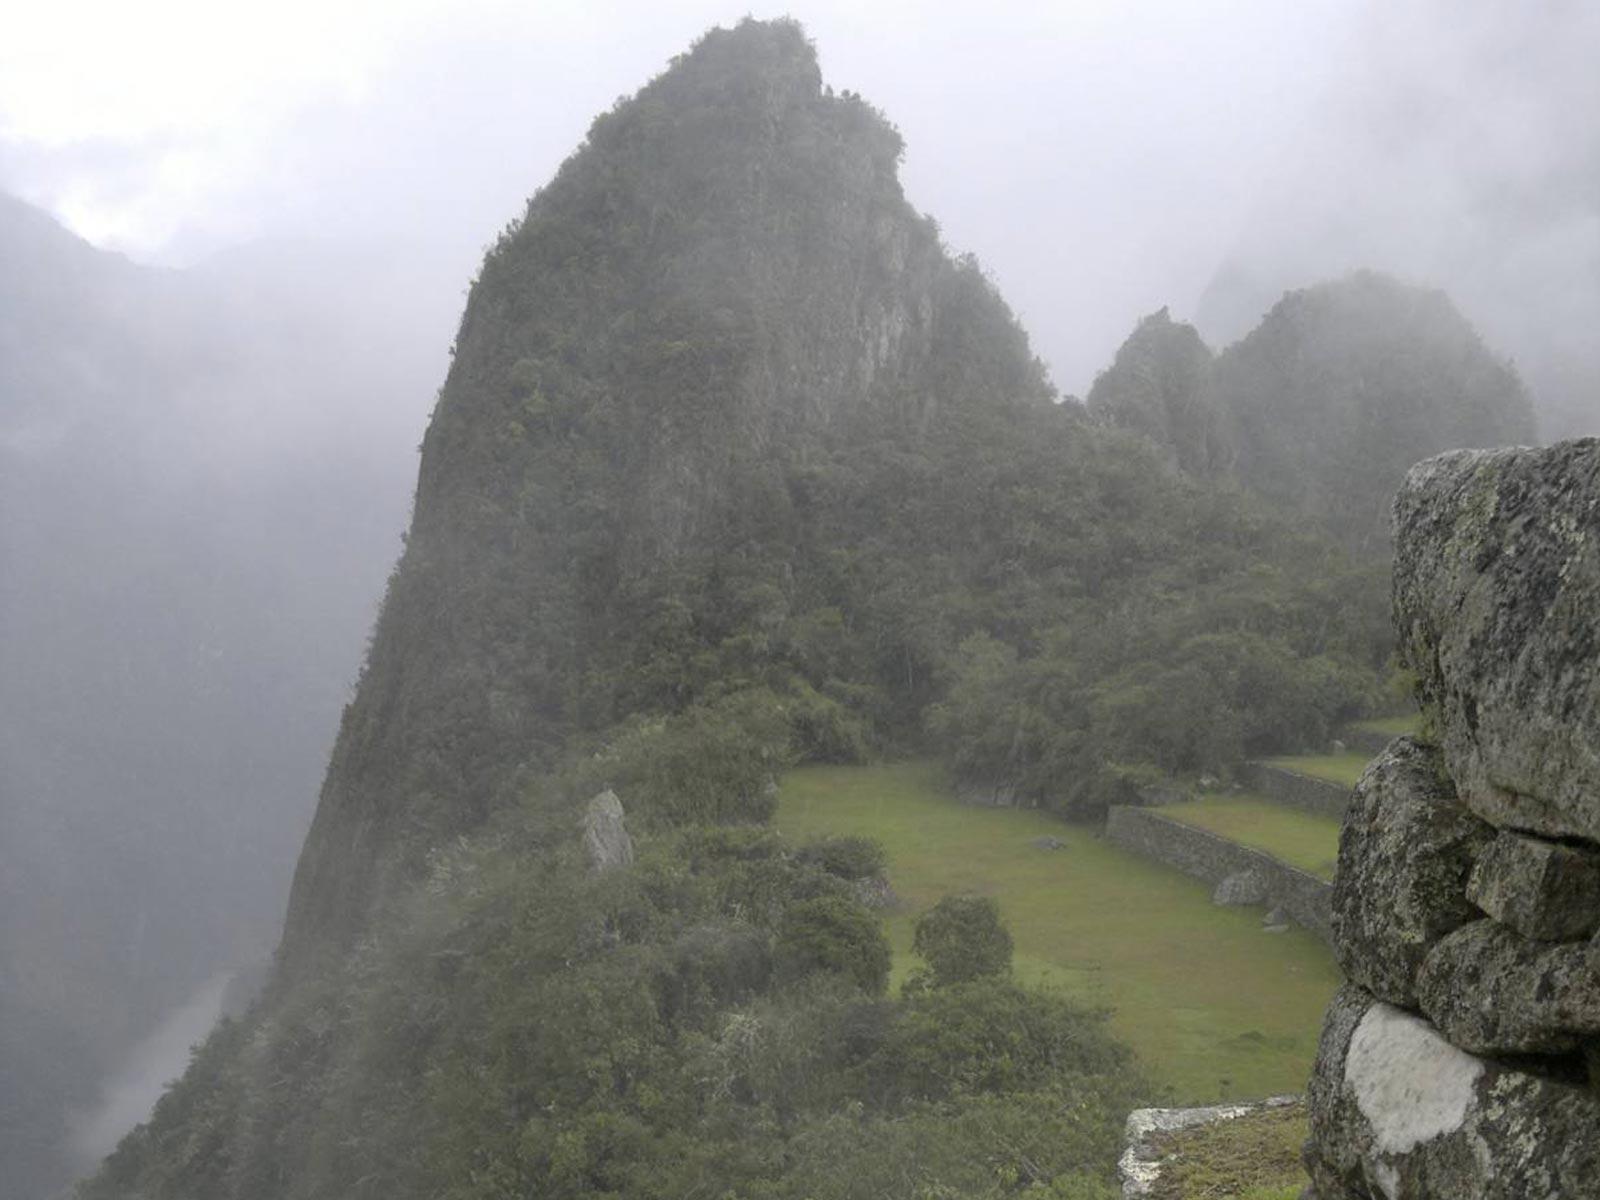 Peru-machu-picchu-inca-hiram-bingham